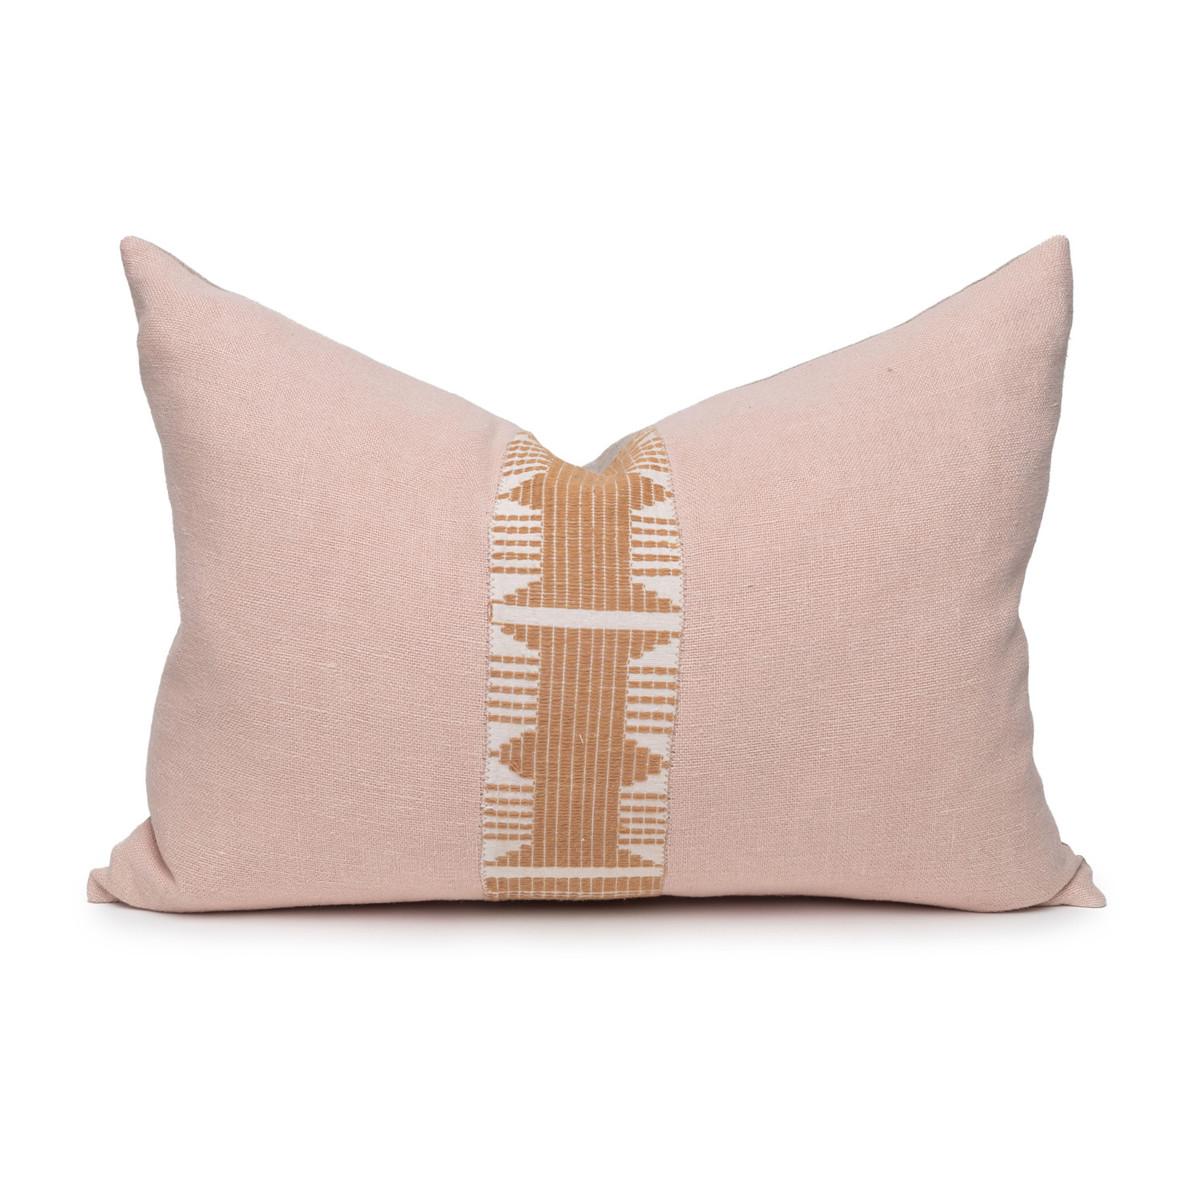 Regal Nude Linen Aso Oke Stripe Luxe Vintage Pillow - 1622 - Front